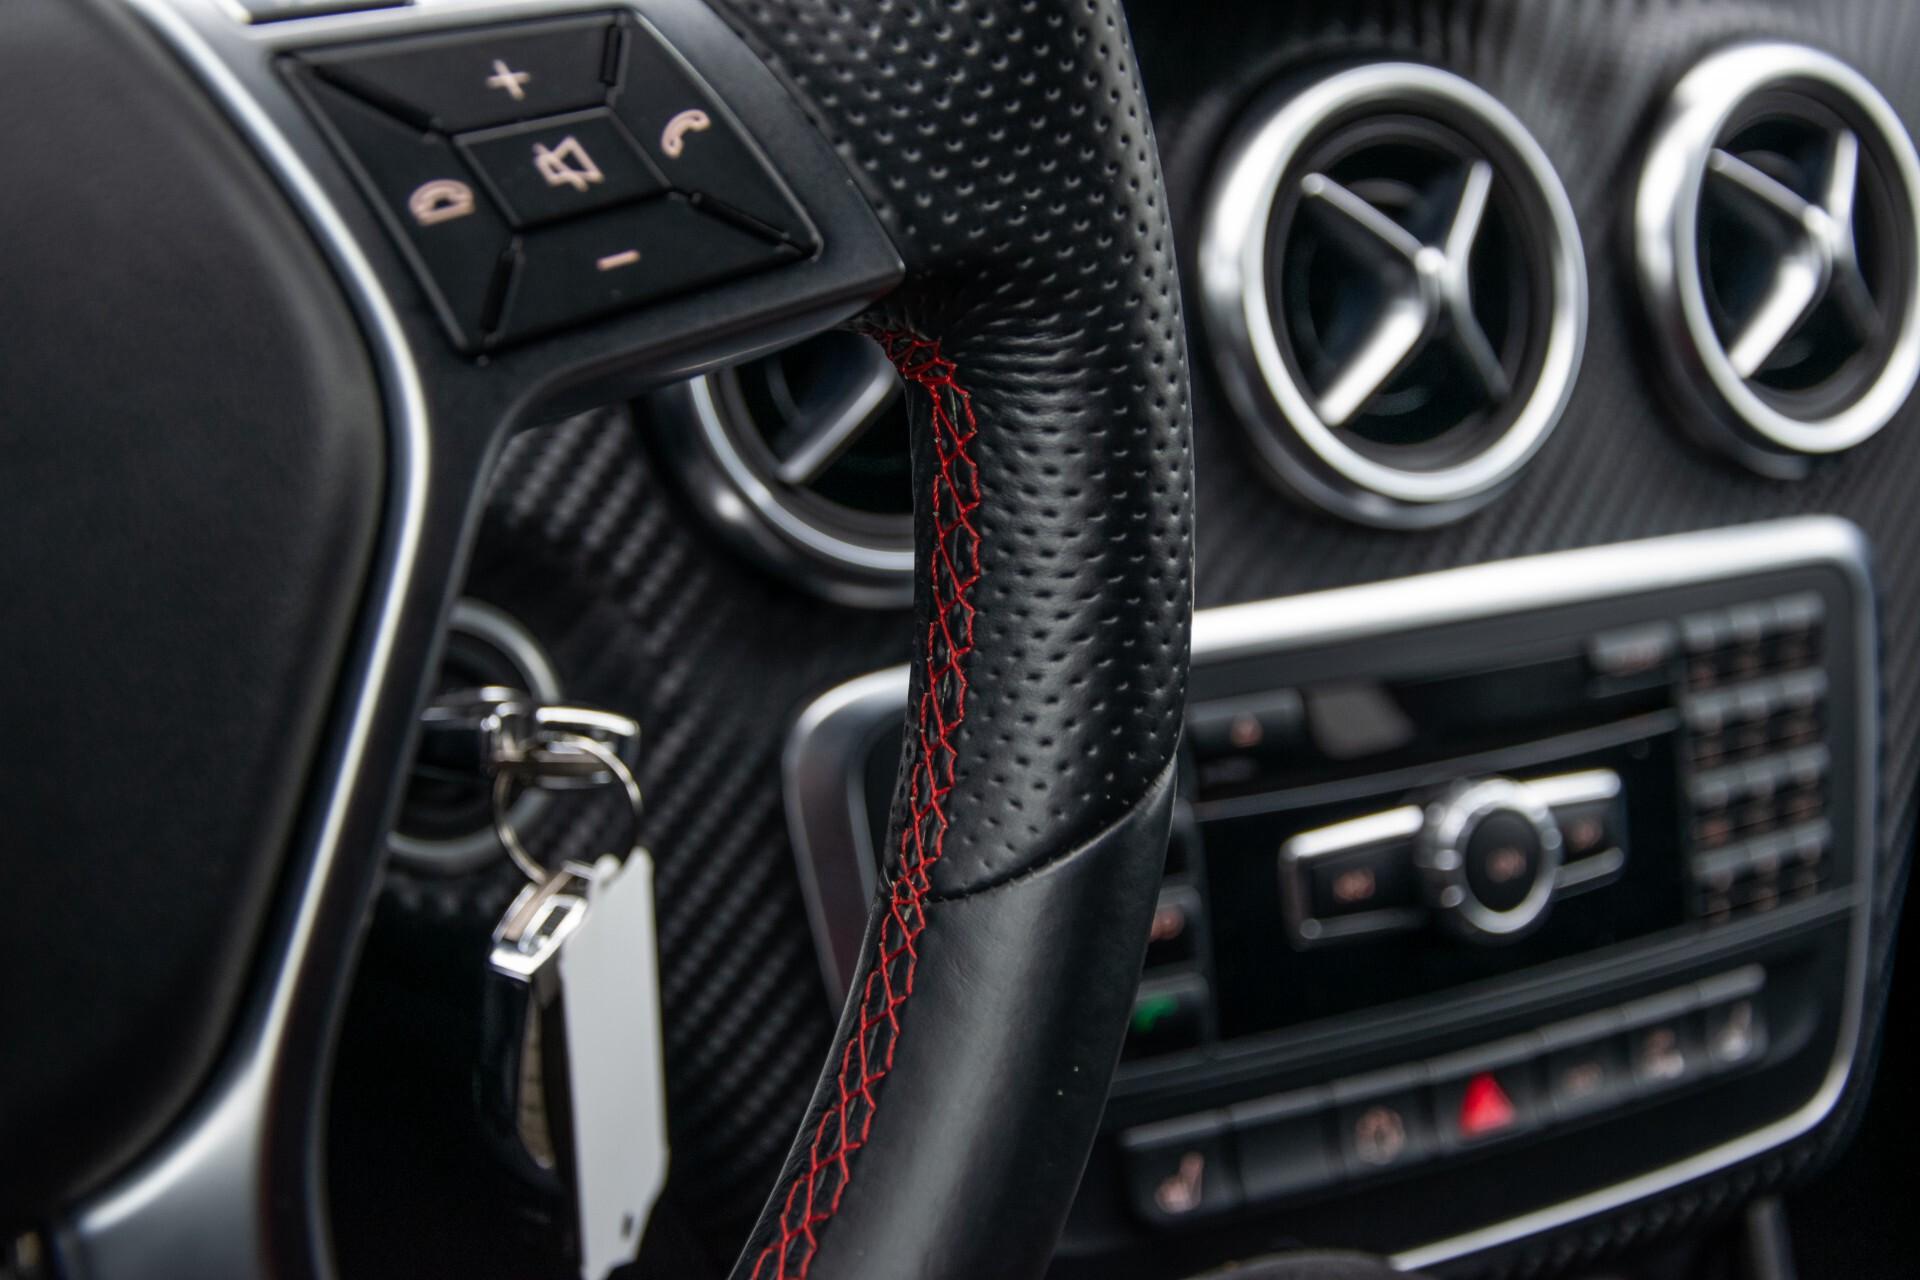 Mercedes-Benz A-Klasse 180 AMG Dynamic Handling/Camera/Xenon/Navi/Privacy Aut7 Foto 30